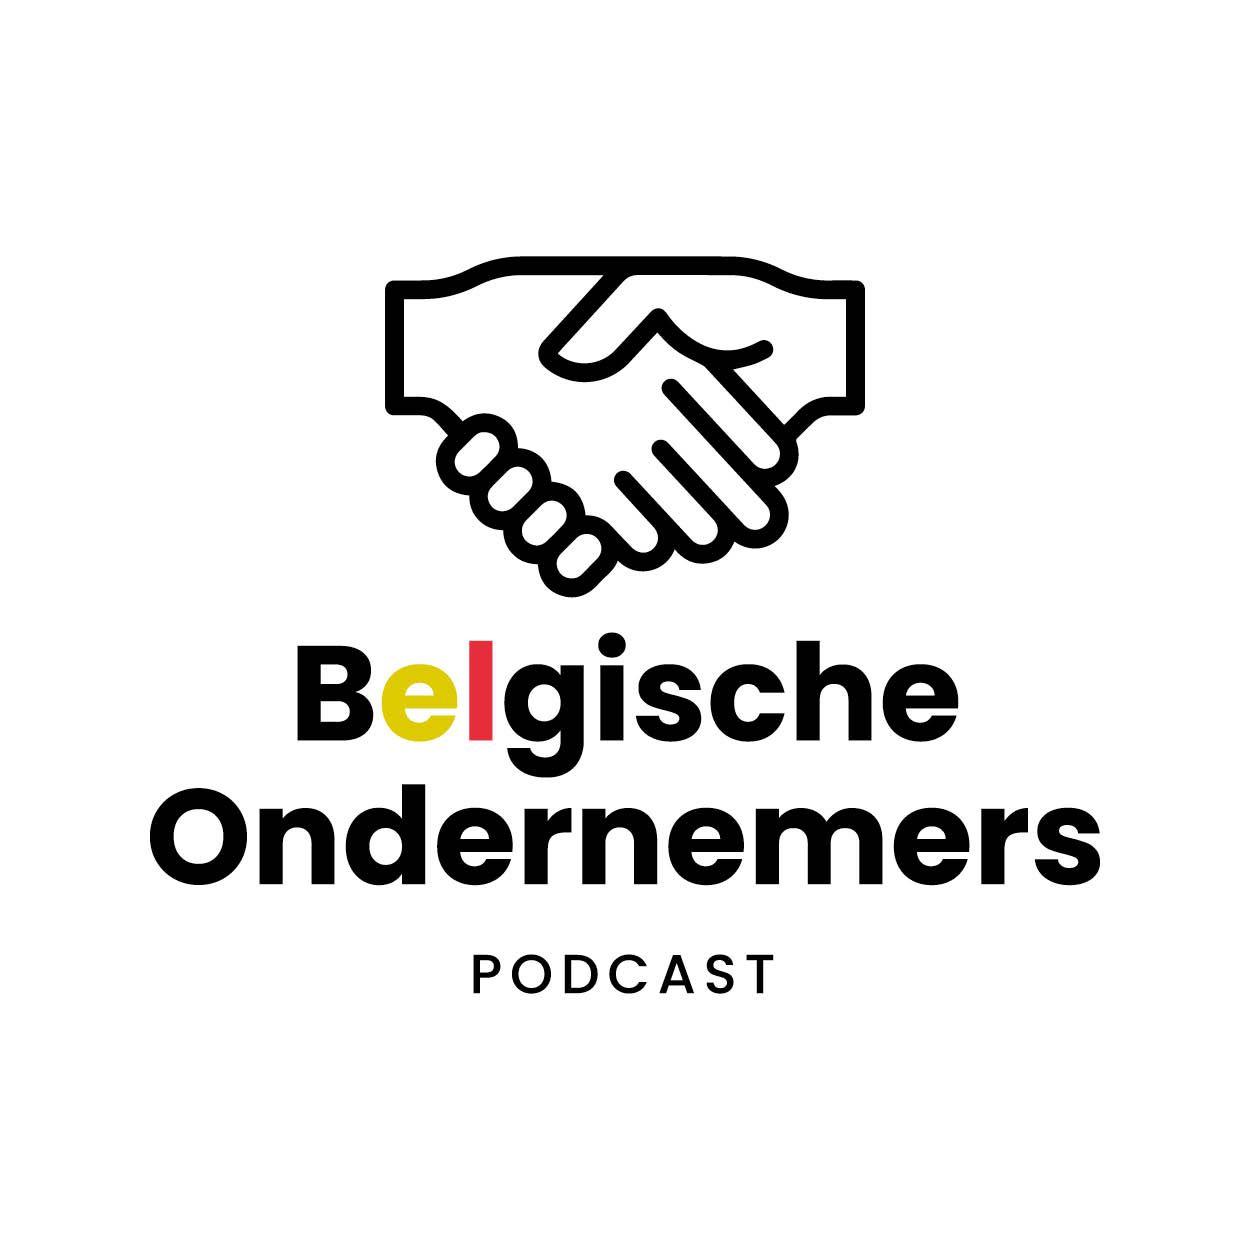 Belgische ondernemers podcast logo